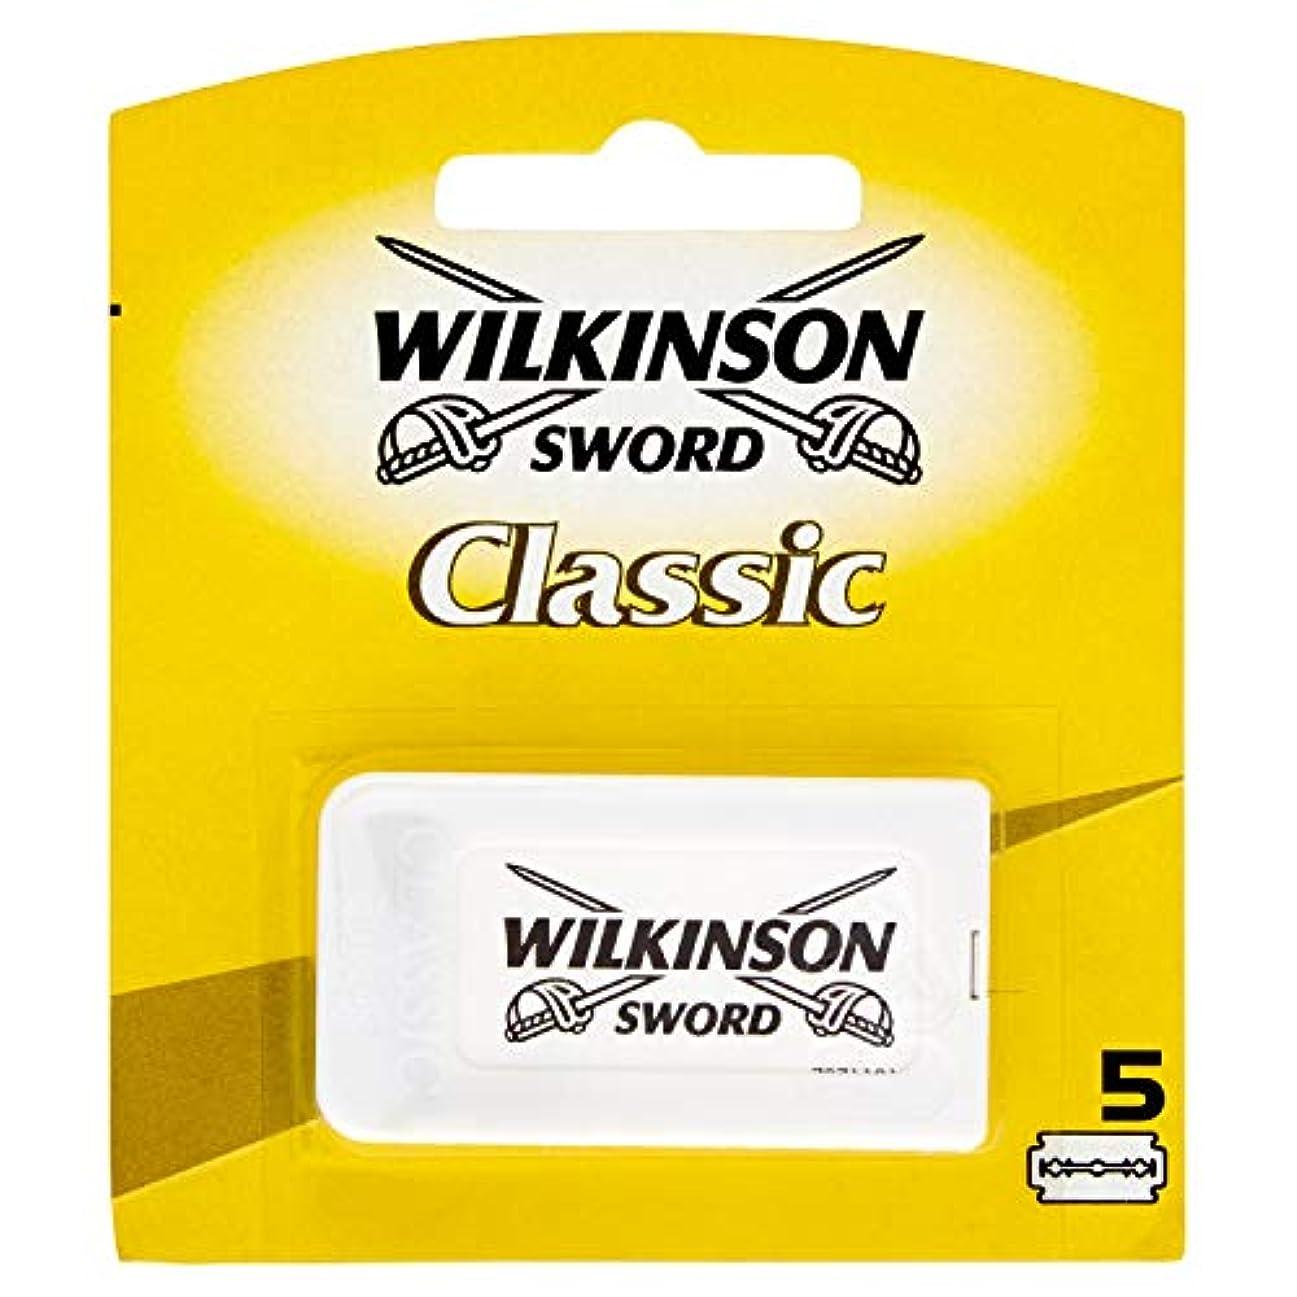 夕暮れ完了スポーツの試合を担当している人Wilkinson Sword(ウィルキンソンソード) Classic 両刃替刃 5個入り [並行輸入品]